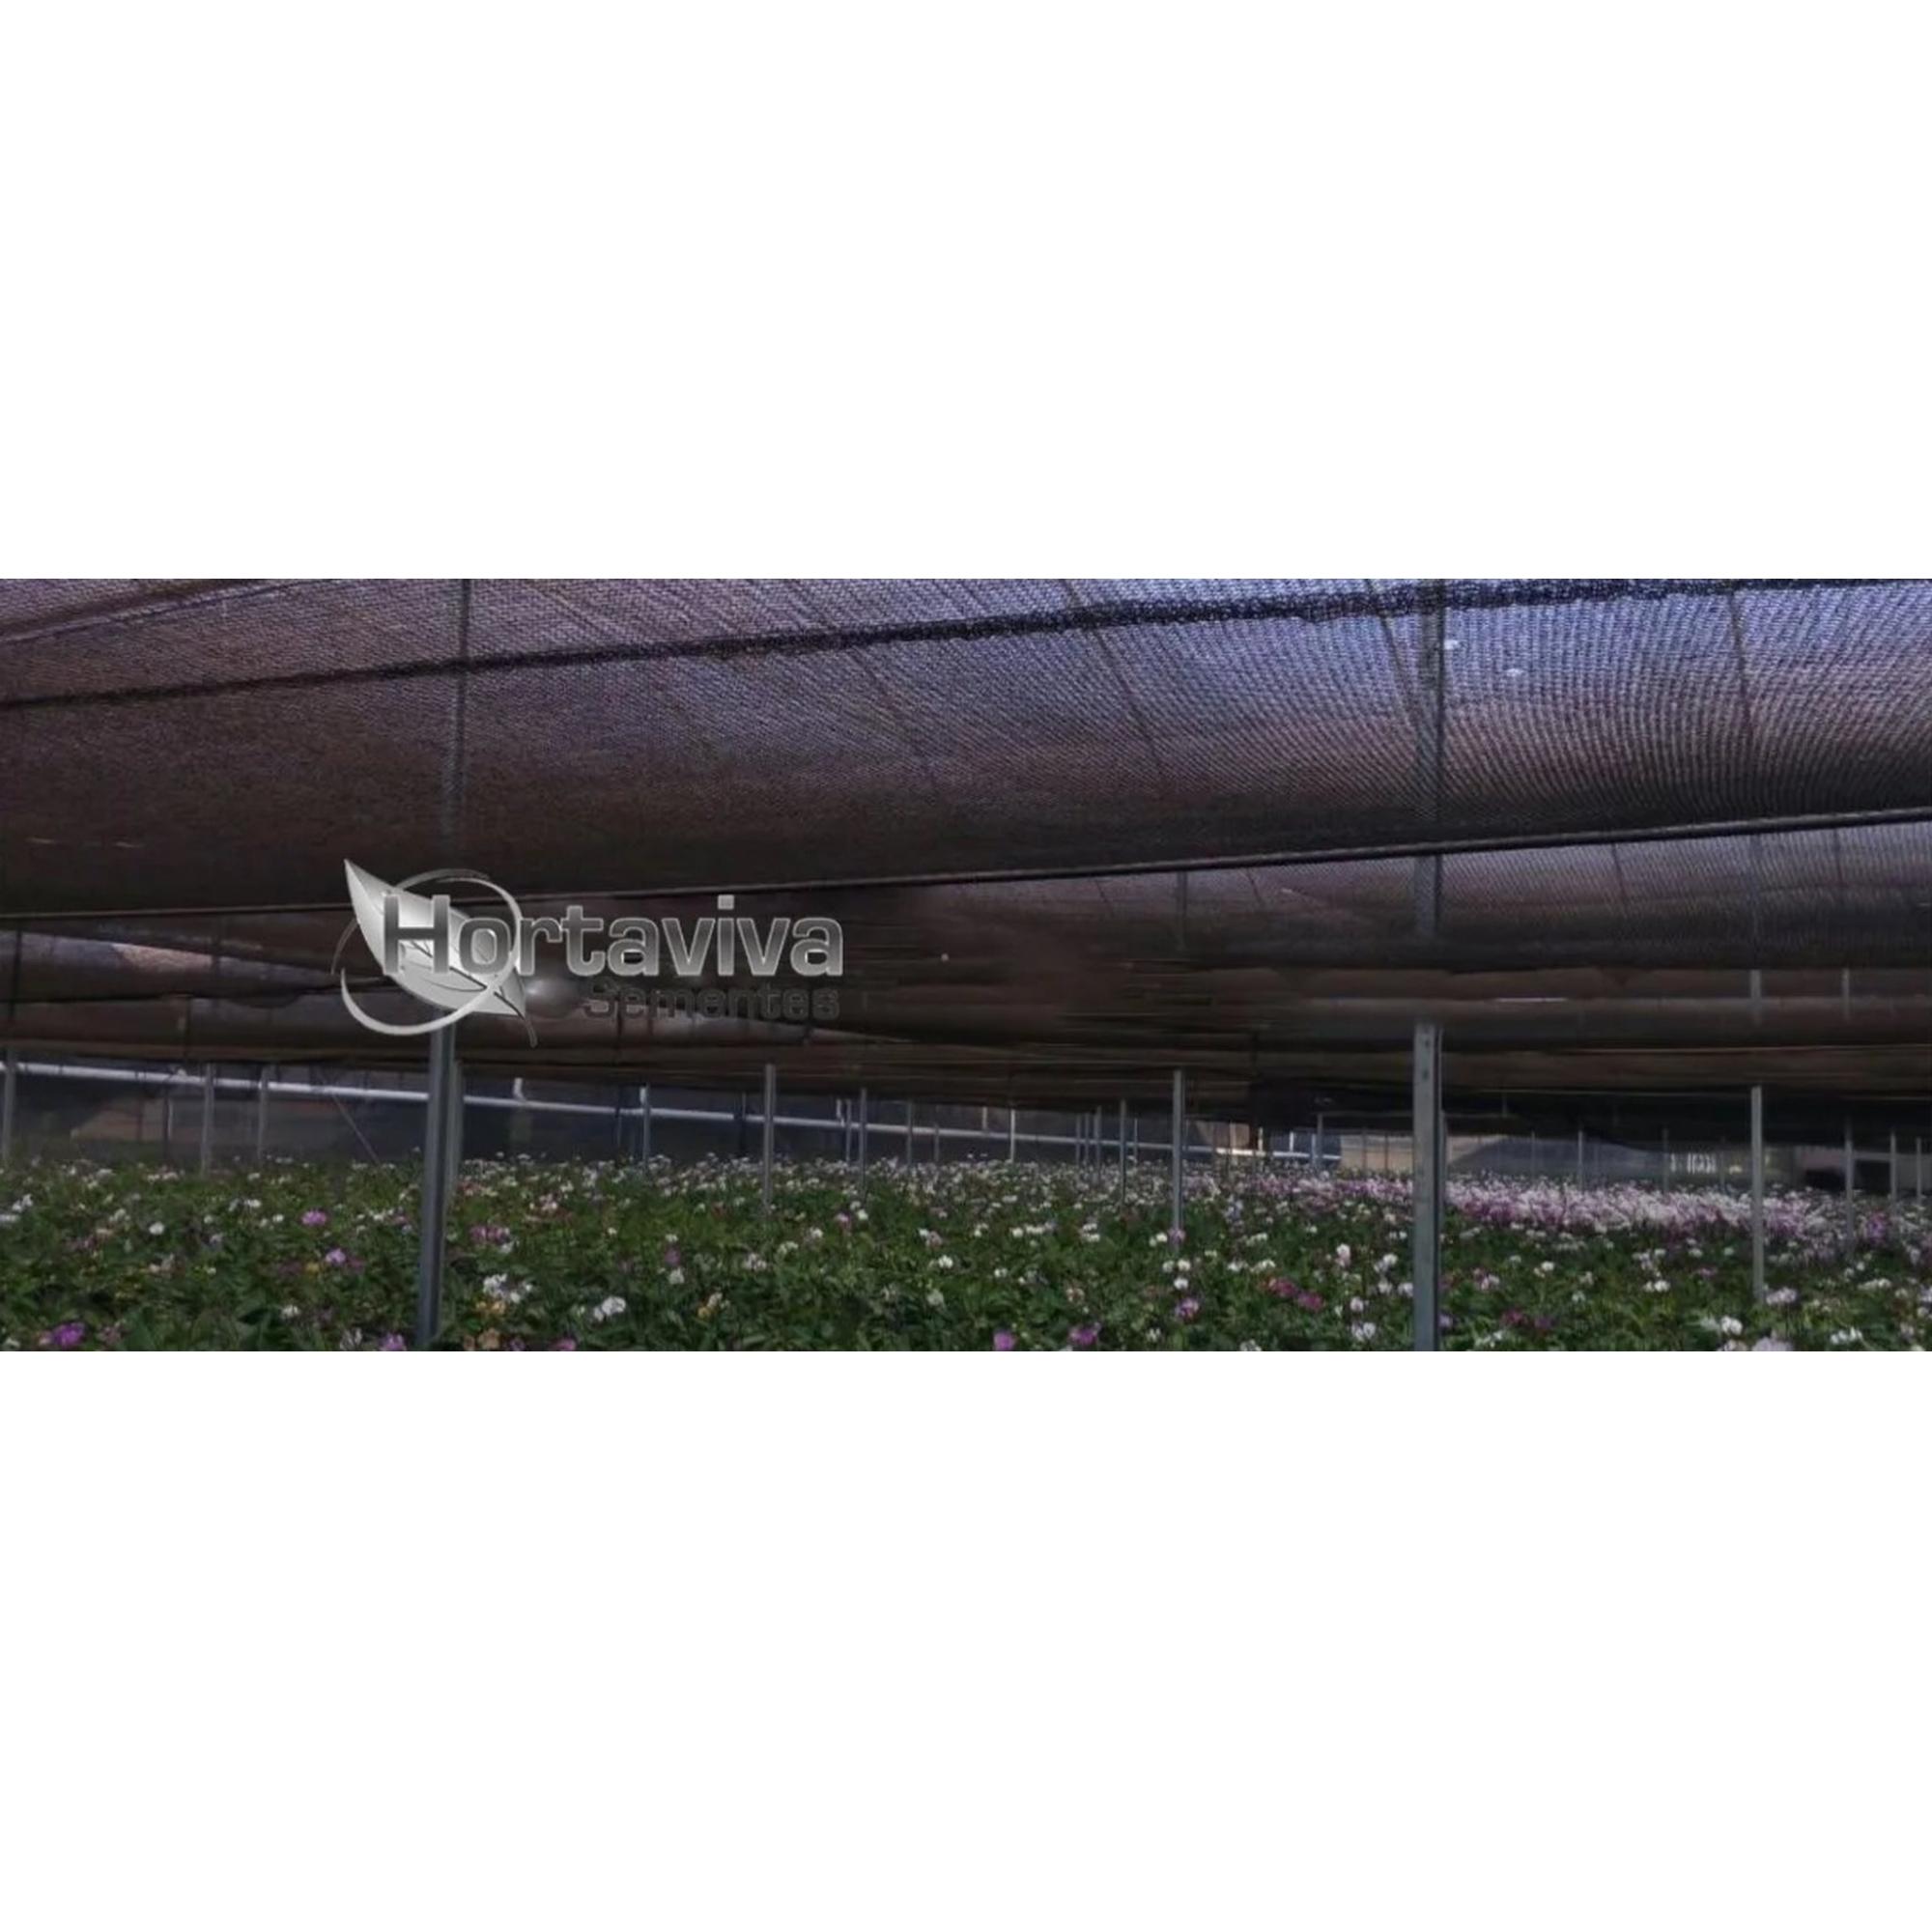 Tela de Sombreamento Preta 50% - 8 Metros x 200 Metros